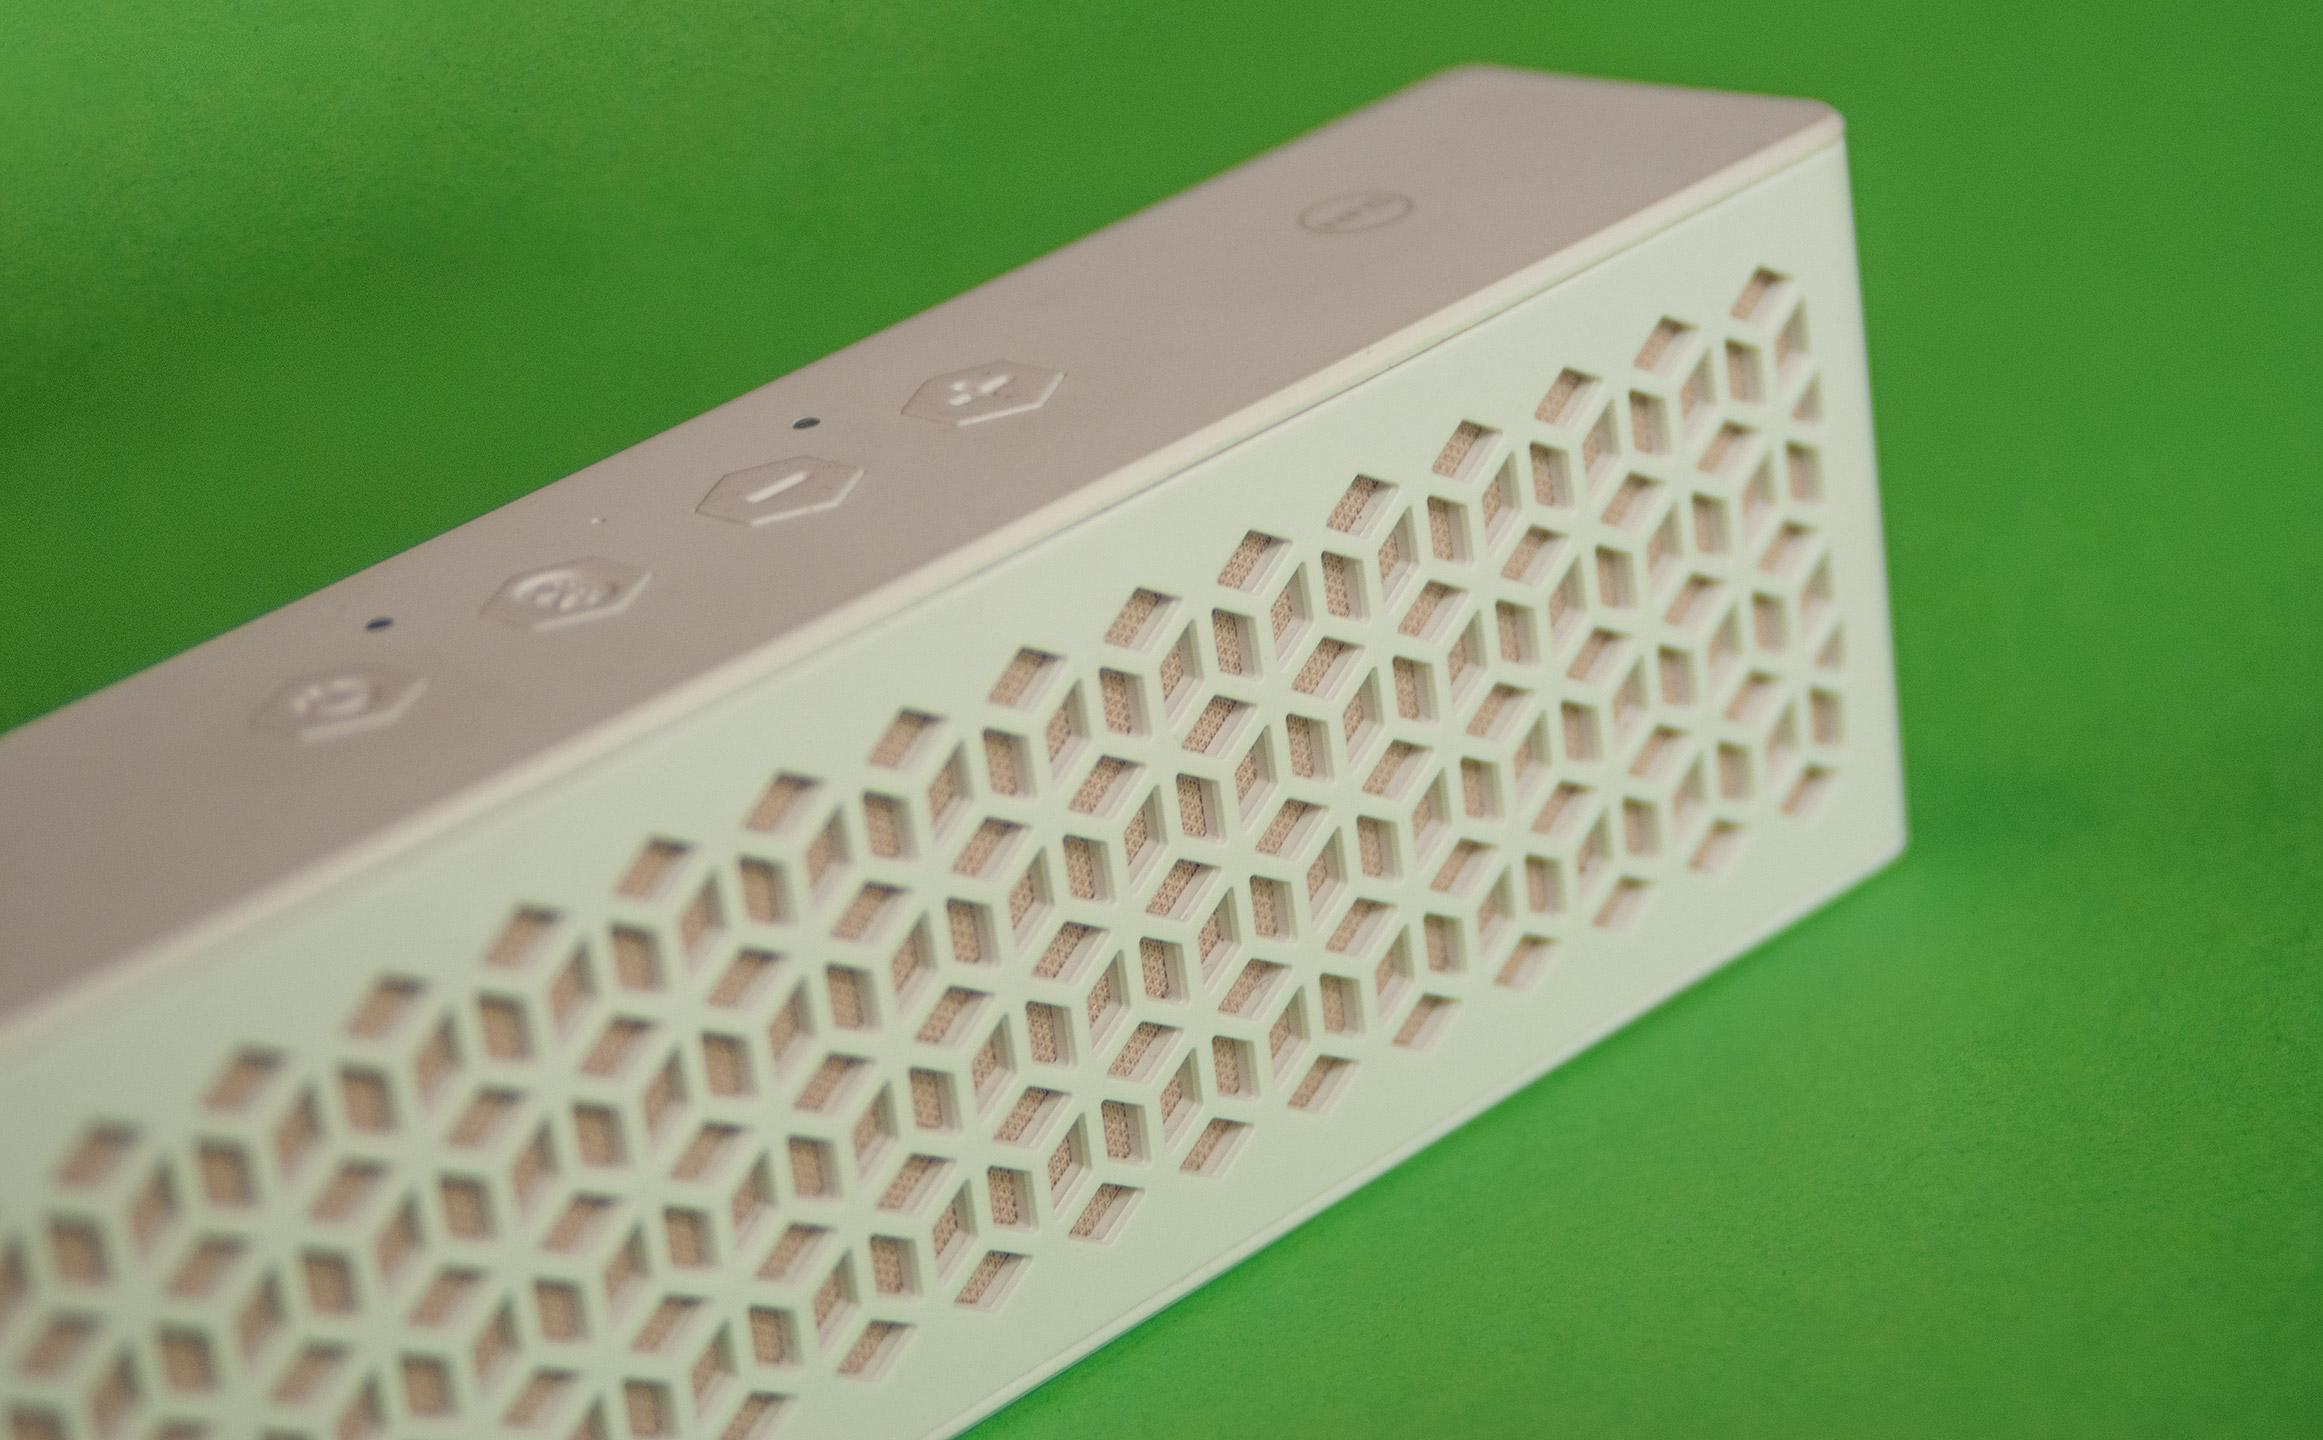 Creative Muvo Mini - głośnik, który potrafi zaskoczyć (recenzja) 24